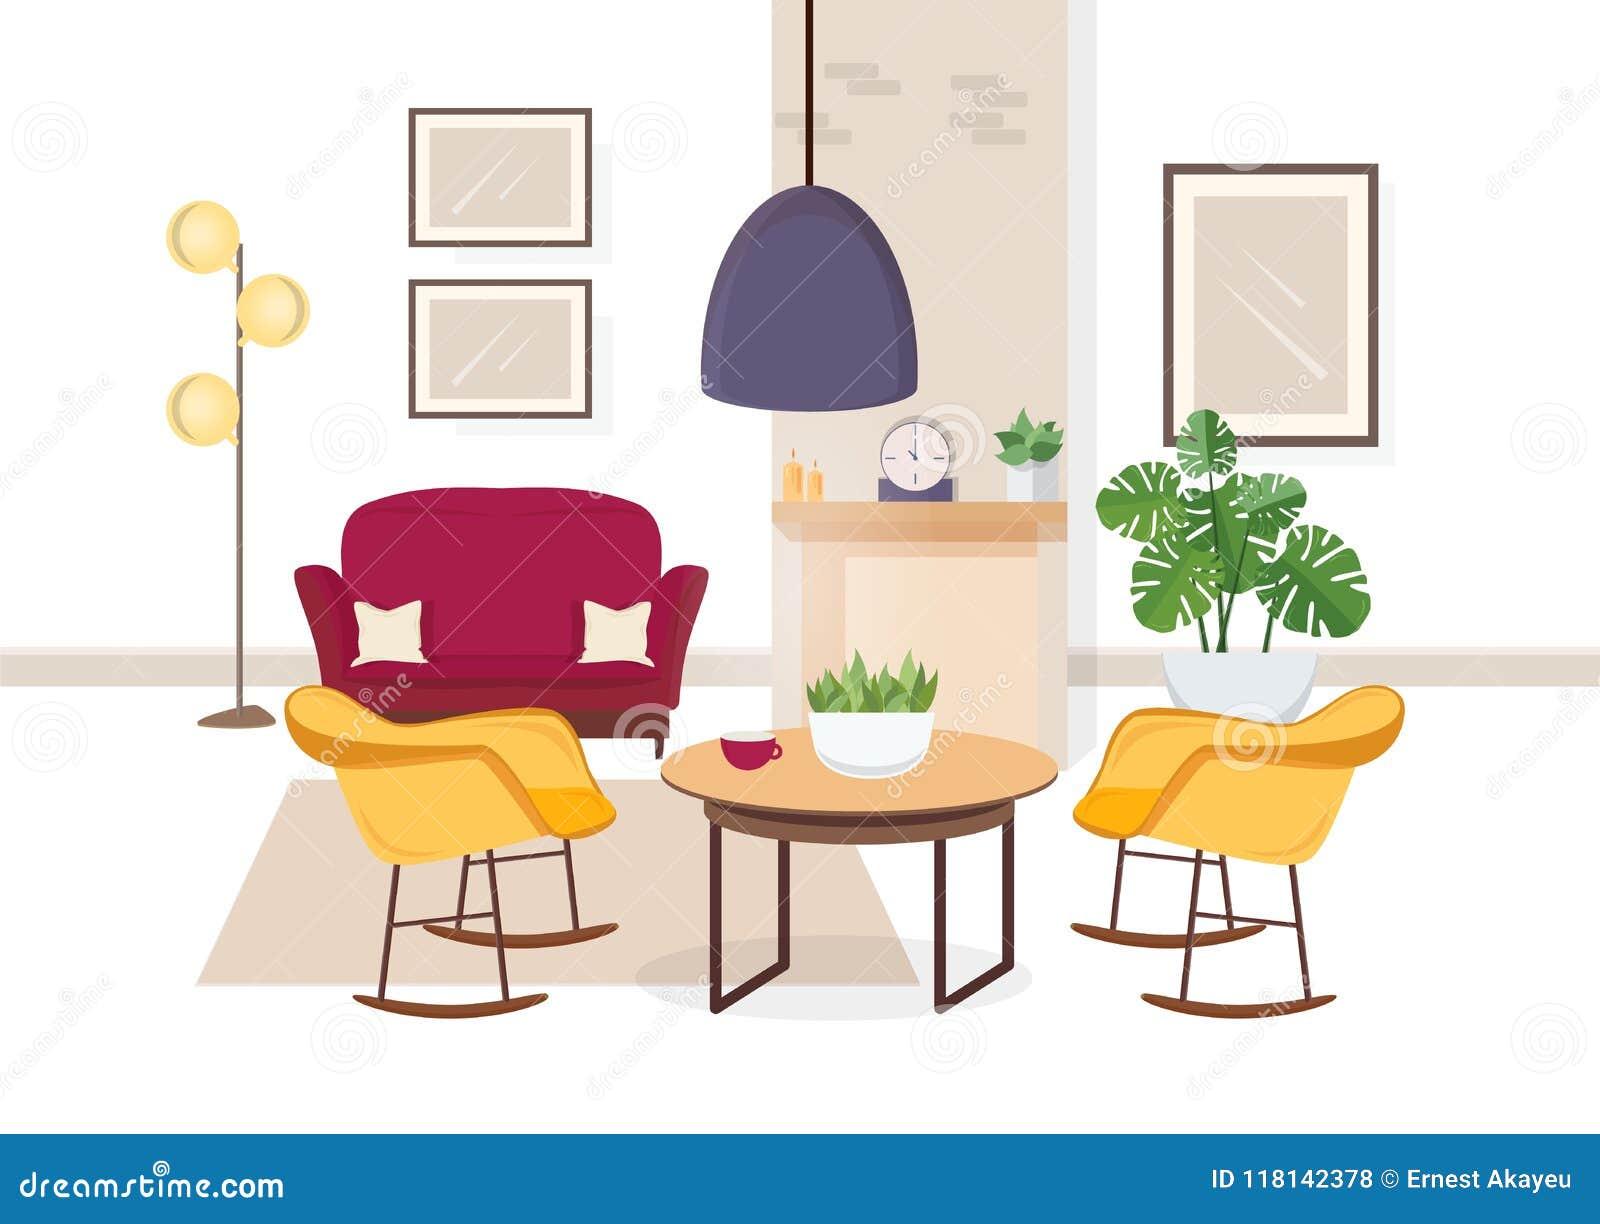 Nowożytny wnętrze żywy pokój z comfy meble i modnymi domowymi dekoracjami - kanapa, karła, dywan, stolik do kawy